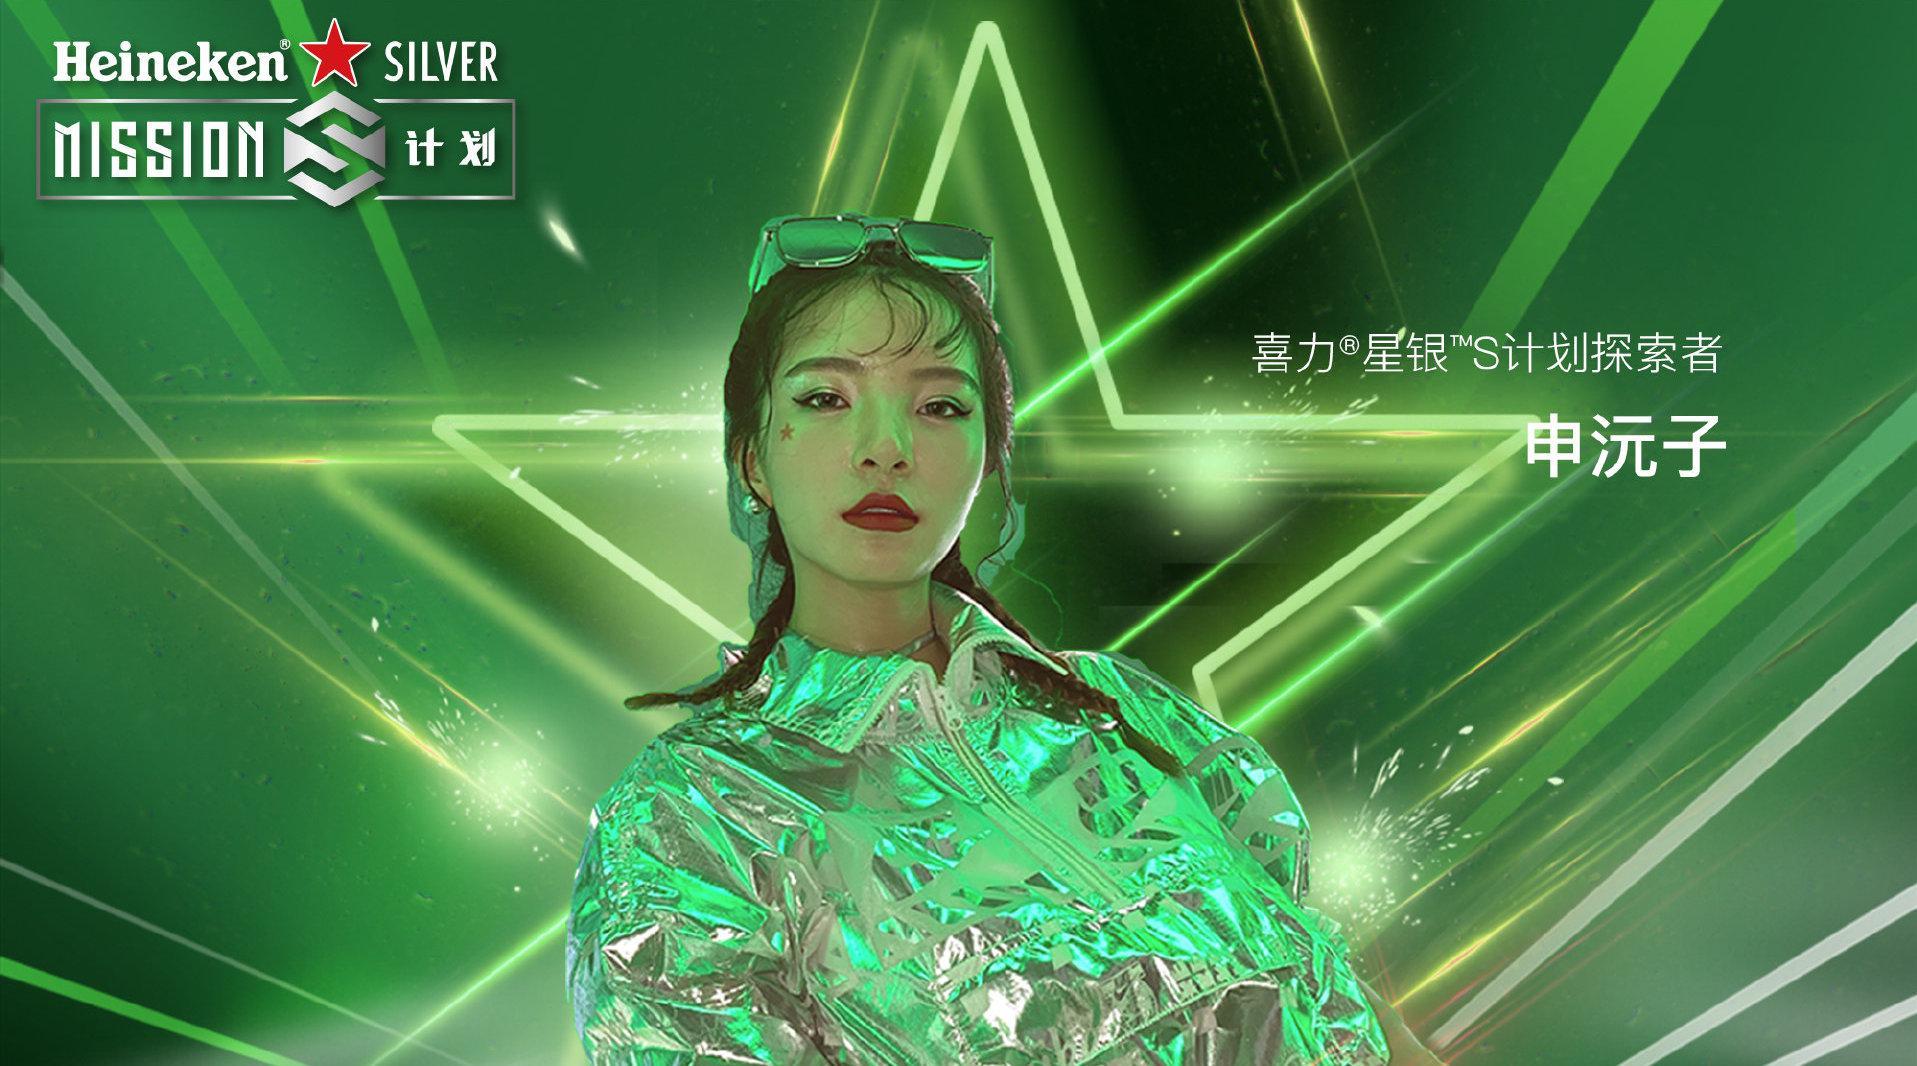 今日大新闻~⚠️⚠️⚠️ 喜力星银探索者-申沅子 已成功登陆喜